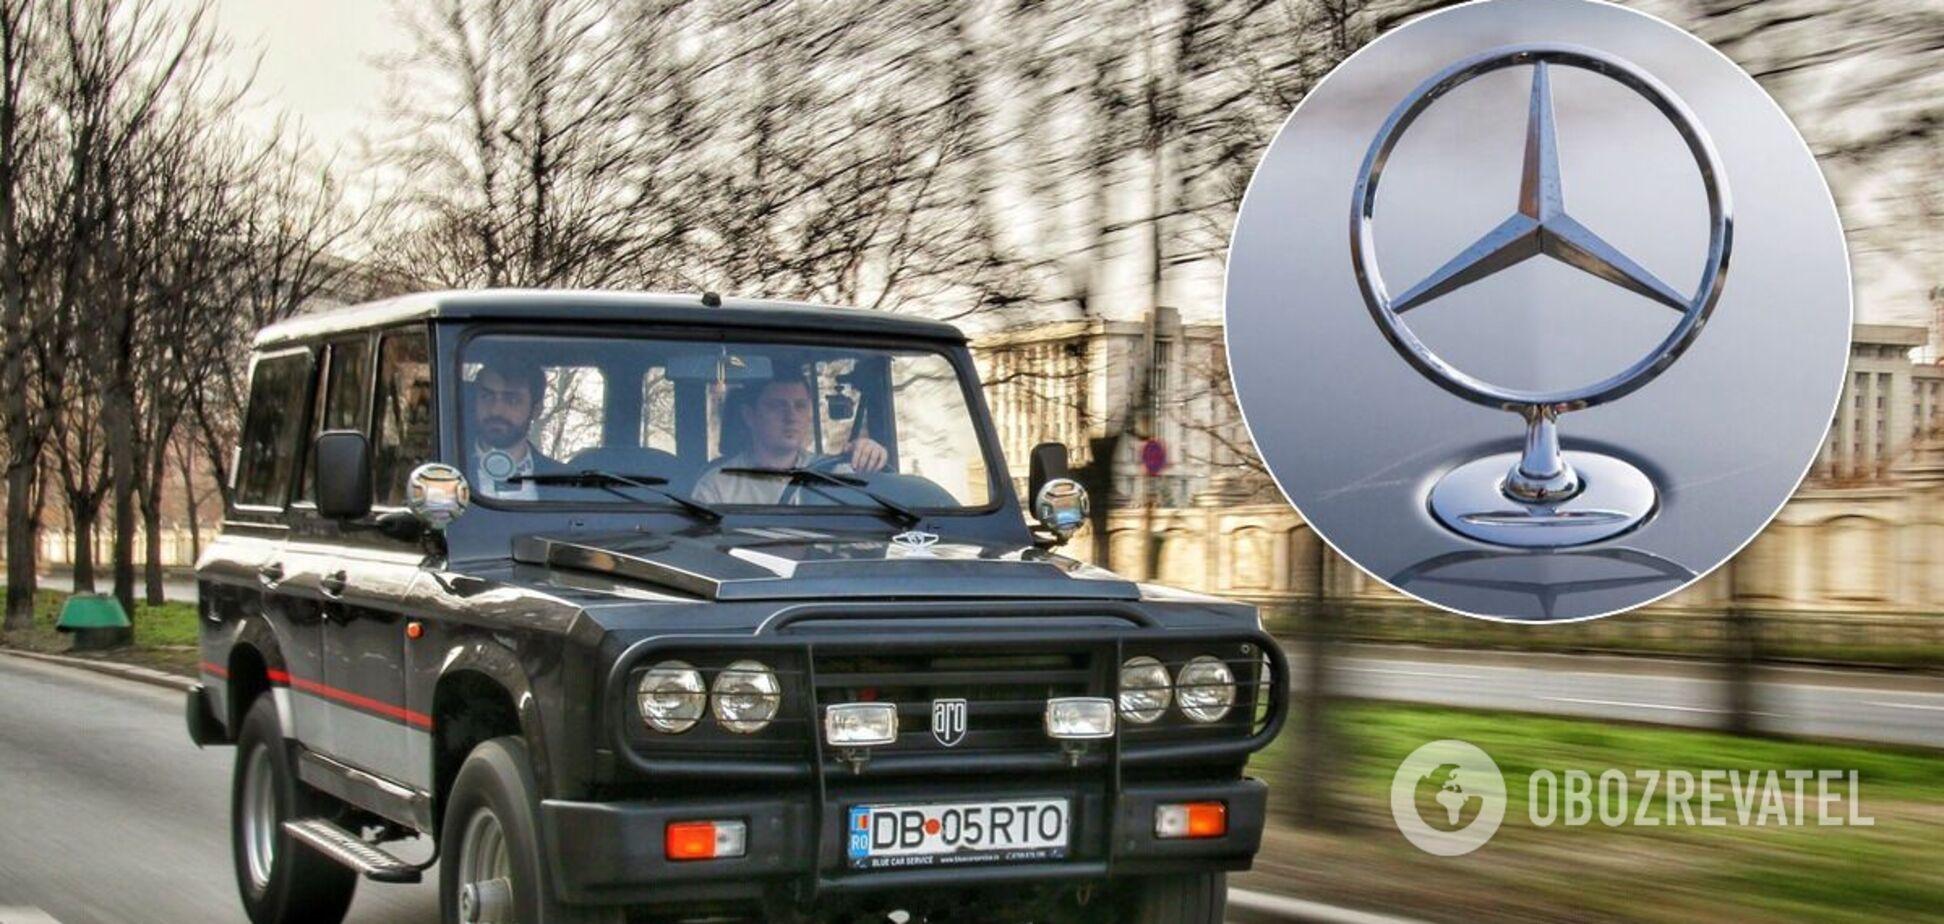 Редкую копию 'Гелендвагена' выставили на продажу в Украине за $2 500